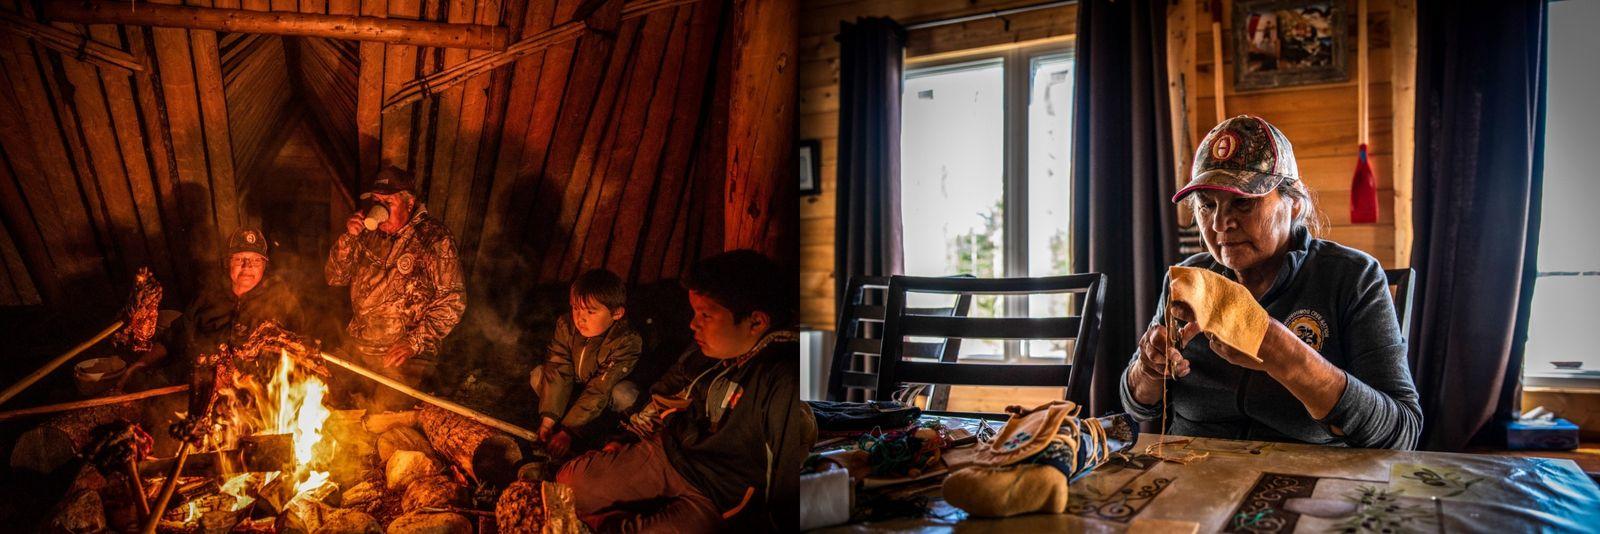 Links: Die Bosum-Familie brät Elchfleisch über einem Feuer in einem traditionellen Cree-Gebäude in Nuuhchimi Wiinuu, Oujé-Bougoumou, ...